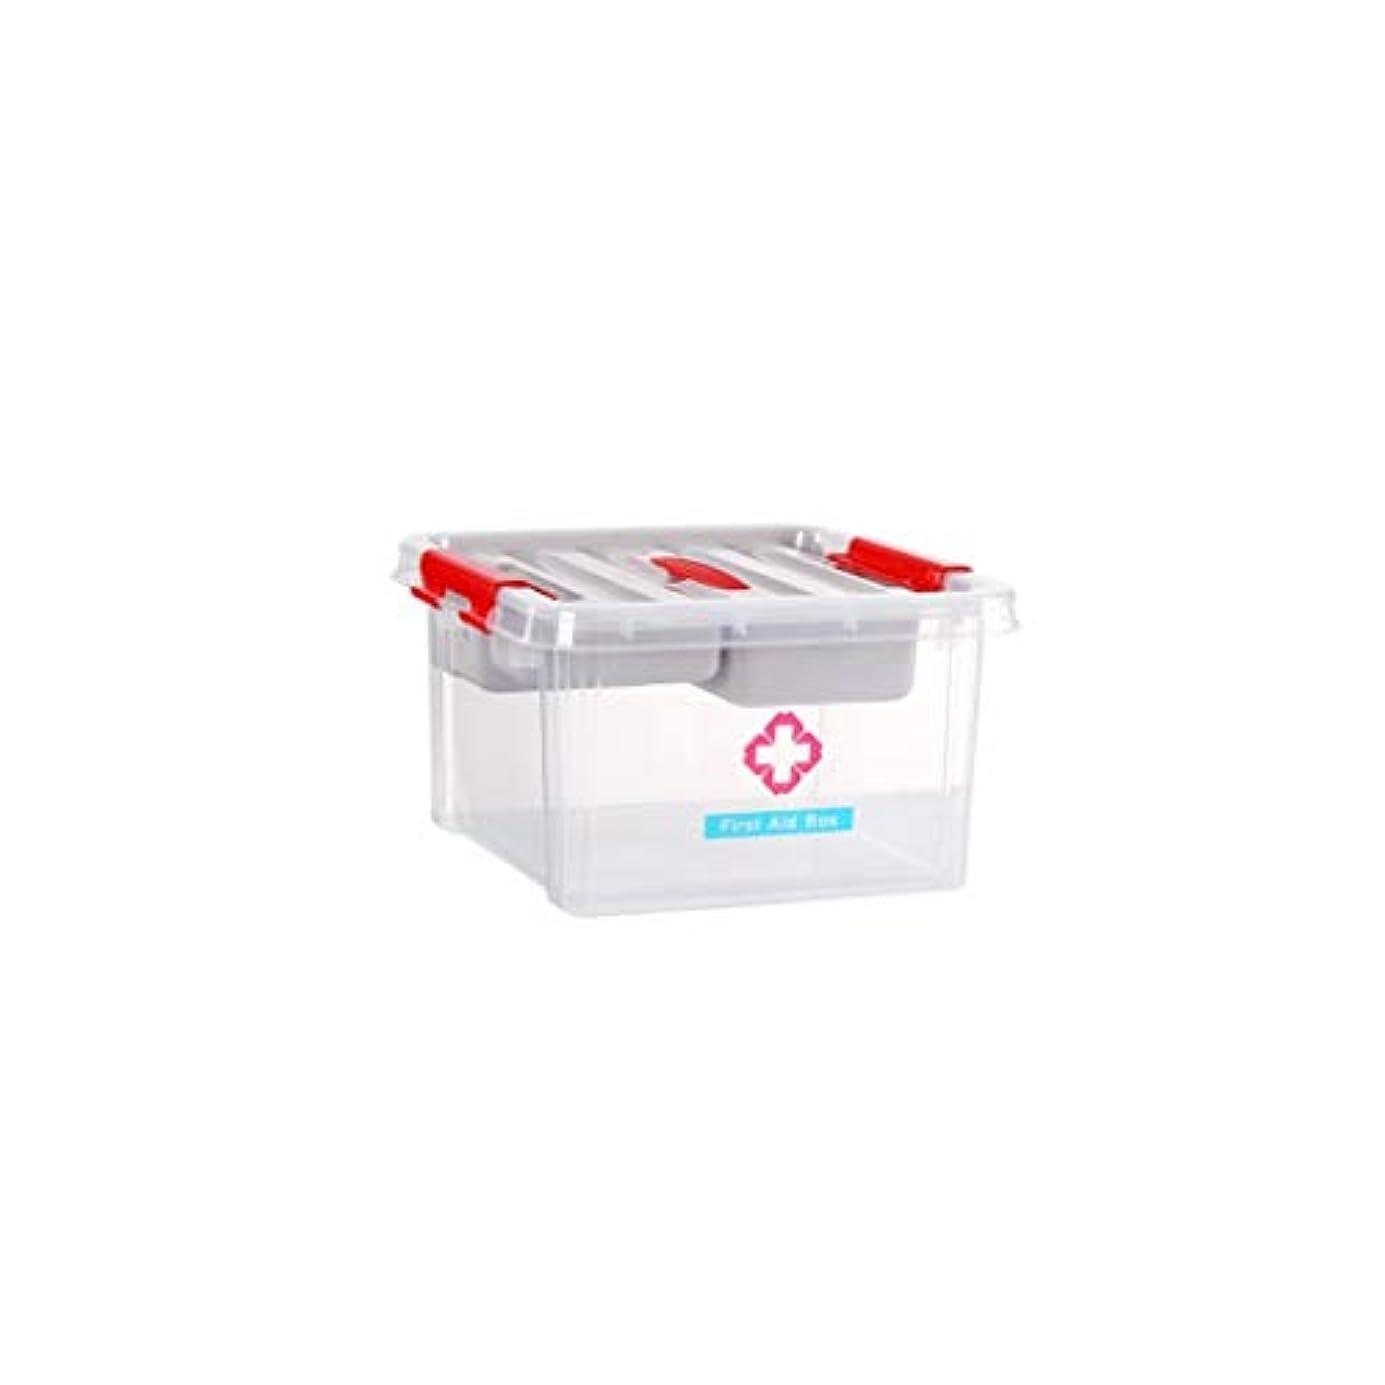 グリースコールド調整する家庭用薬収納ボックス多層医療箱携帯用薬箱プラスチック救急箱28.5×28.5×16cm GBYGDQ (Color : Clear)